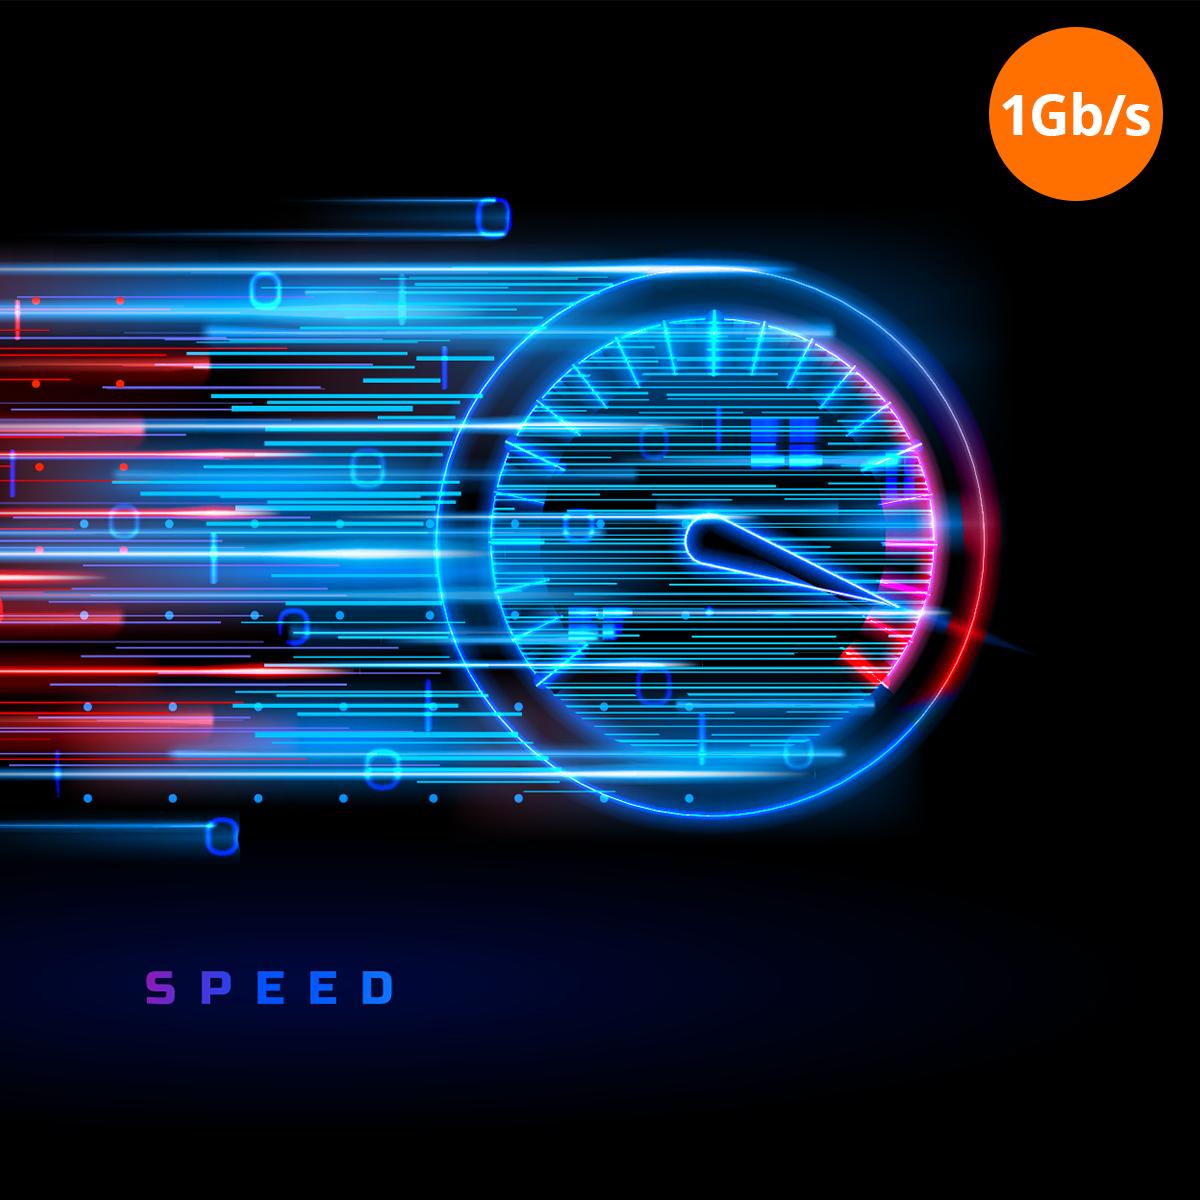 szybkosc przesyłu danych 1gb/s orllo.pl